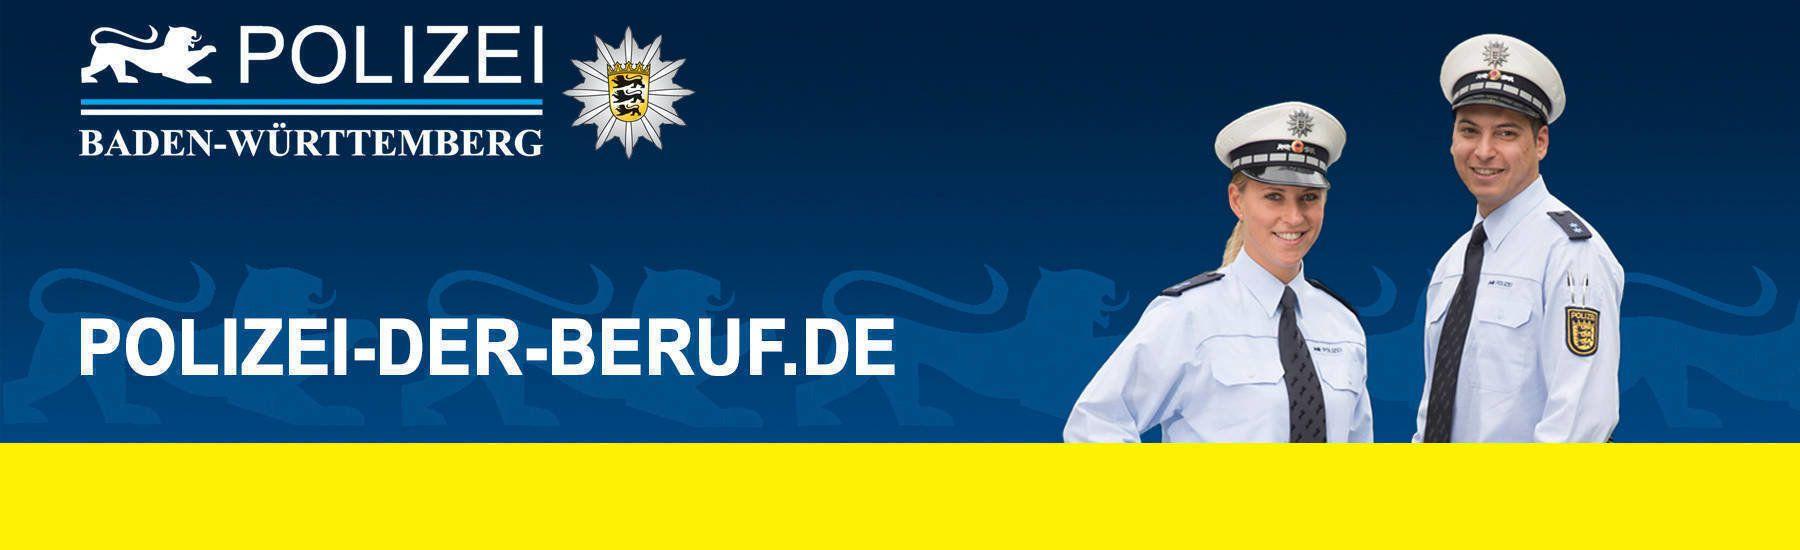 ausbildung polizei baden wrttemberg freie ausbildungspltze - Polizei Bewerbung Bw